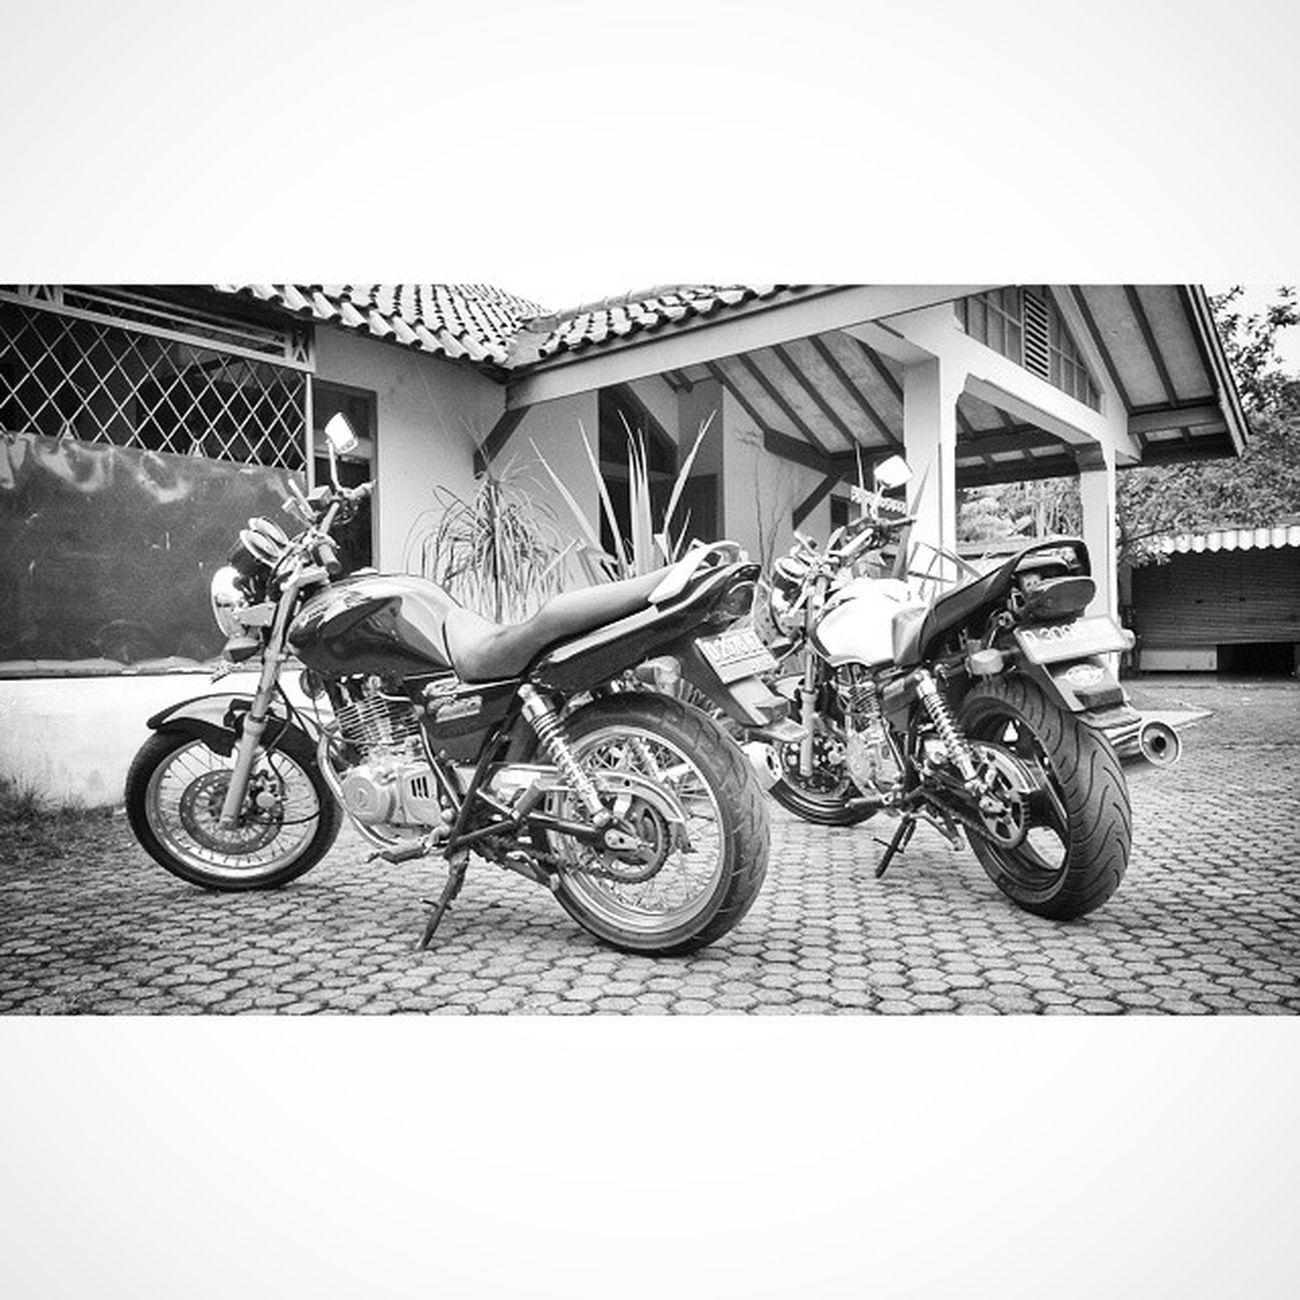 Gsx250 Suzuki Motorcycle Bw blackandwhite